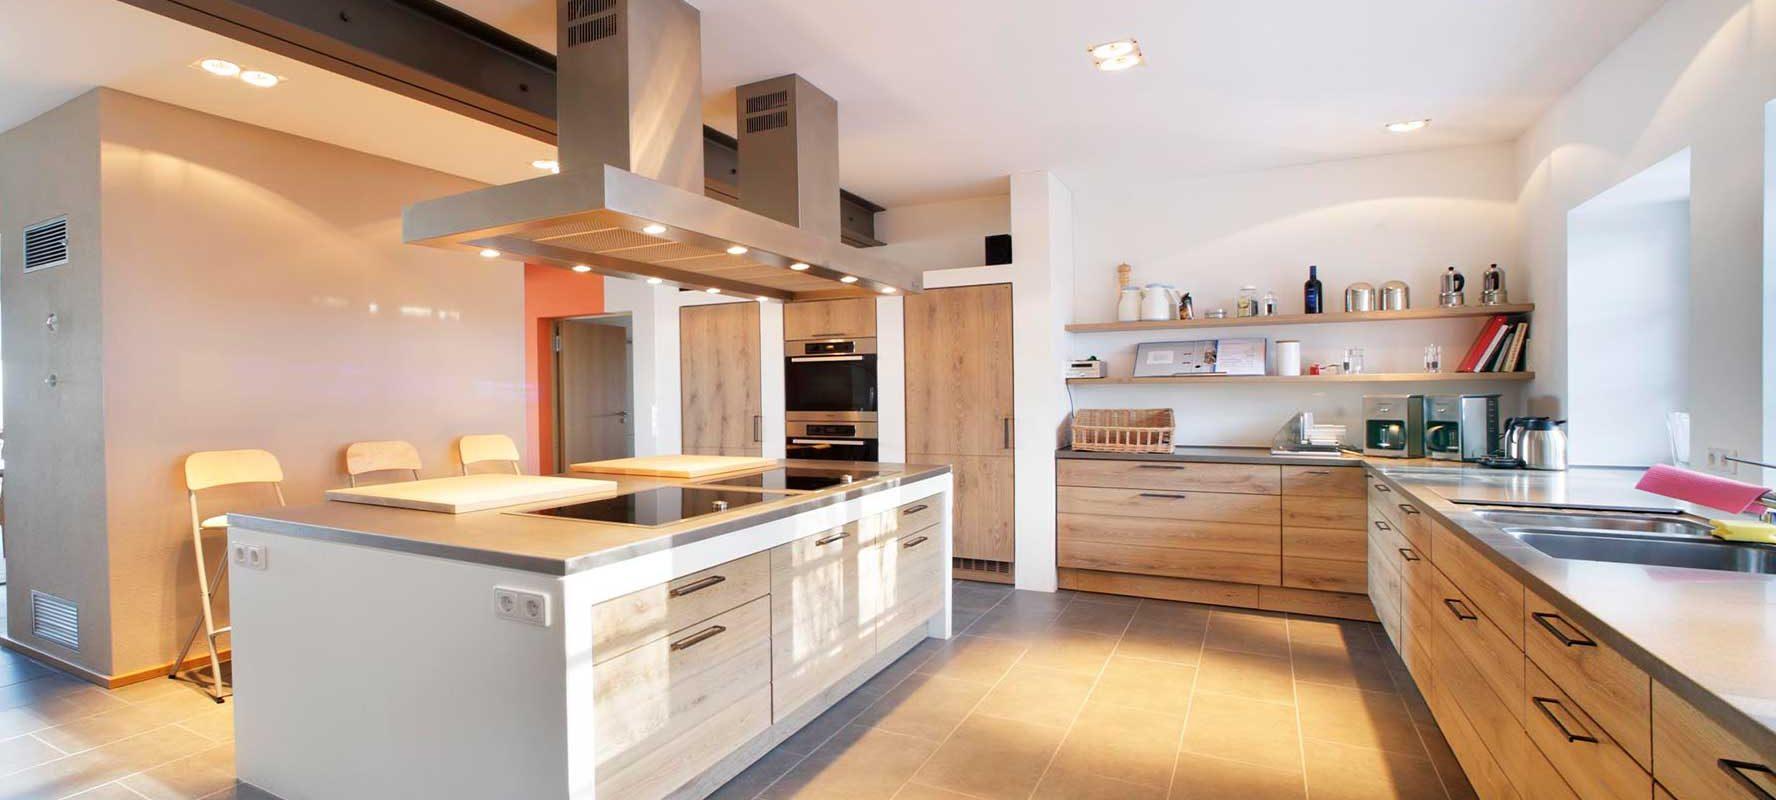 Bichtele-Sanierung-Küche-schön